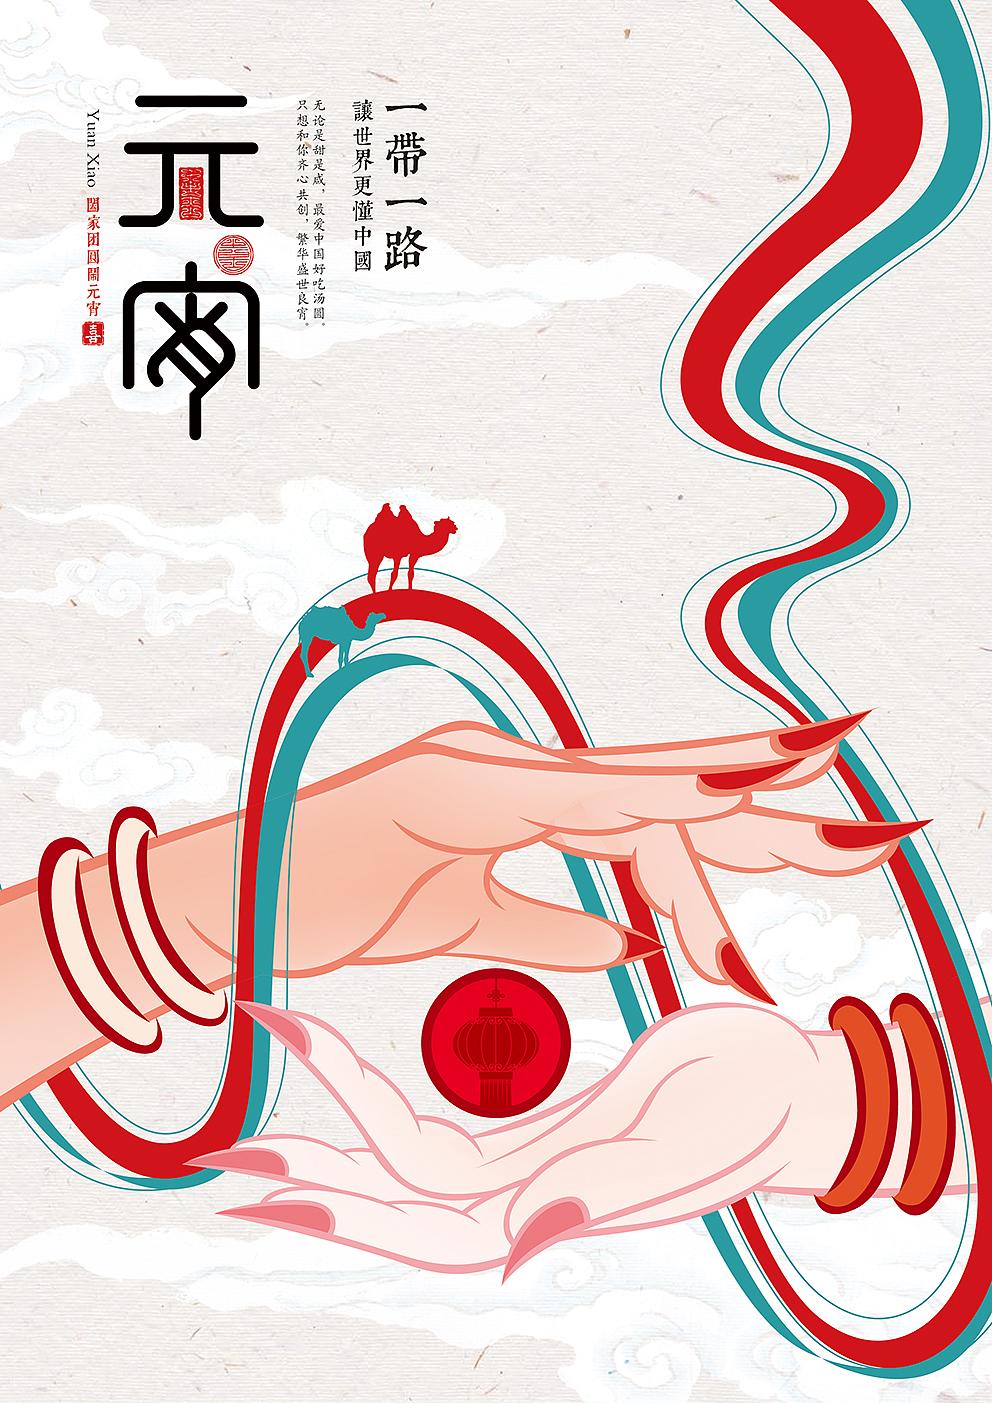 一带一路 让世界更懂中国|平面|海报|大飞小漫 - 原创